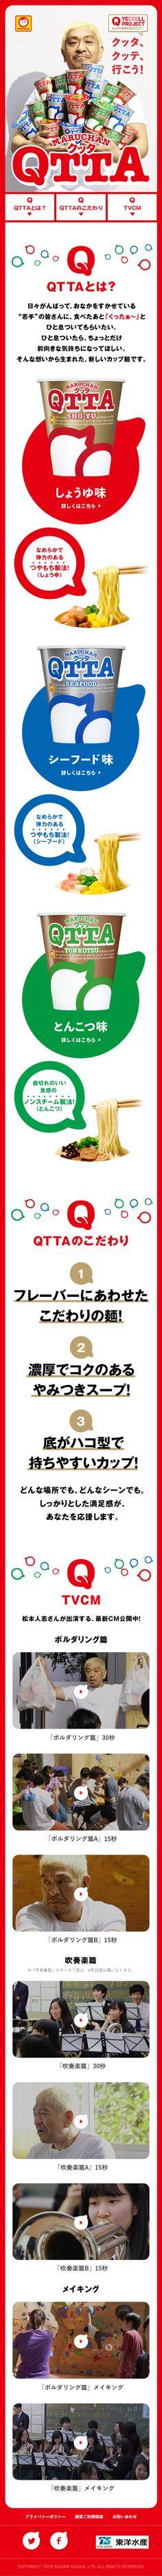 QTTA WEBデザイナーさん必見!スマホランディングページのデザイン参考に(にぎやか系)